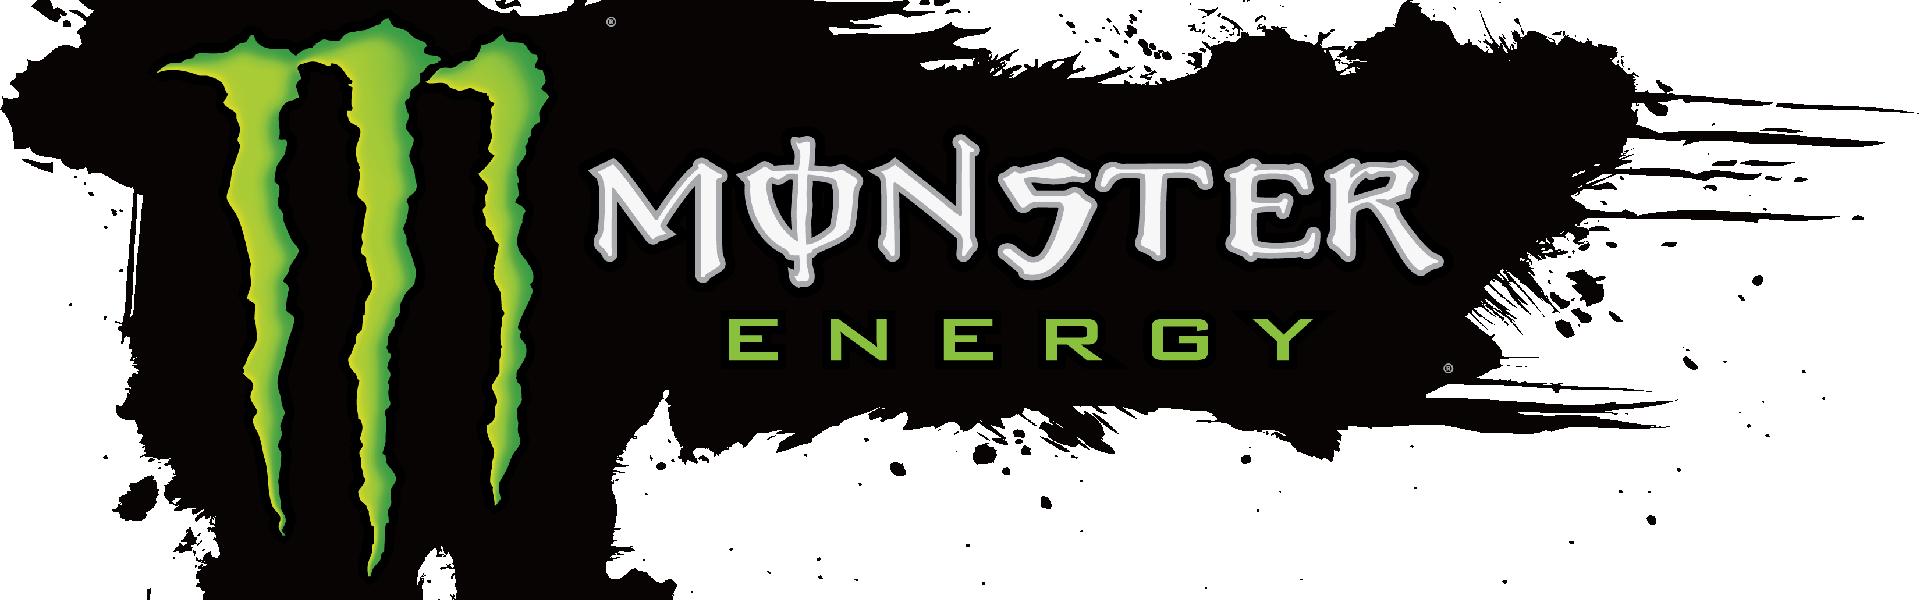 Monster Celebrates Dismissal of Lawsuits | 1920 x 600 png 138kB